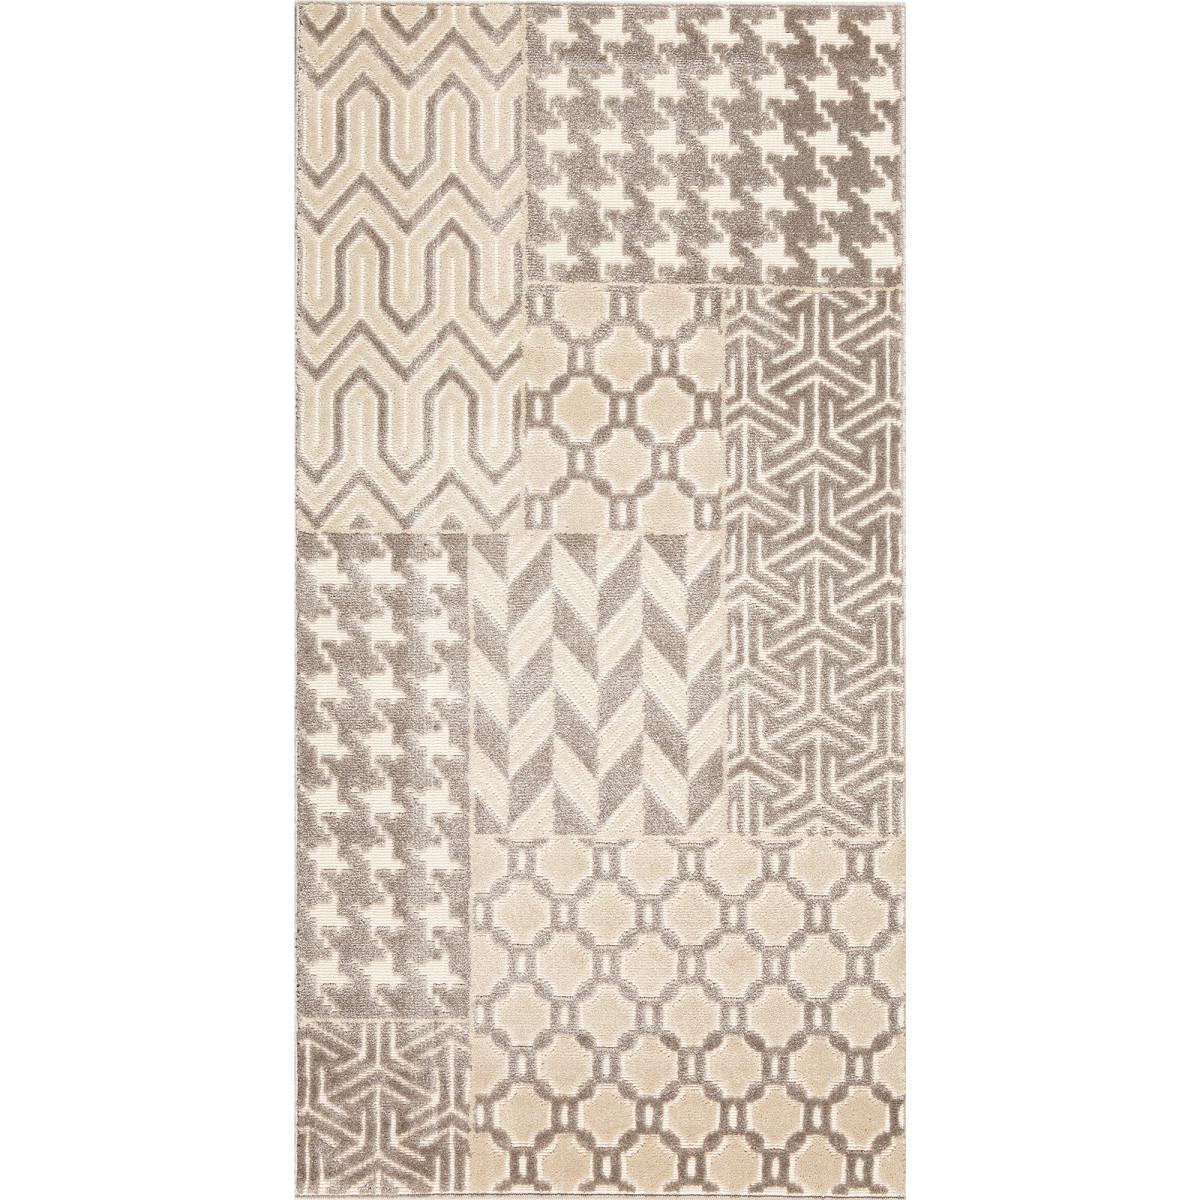 Ковер Reflex 40151/67 0.8х1.5 м цвет серый